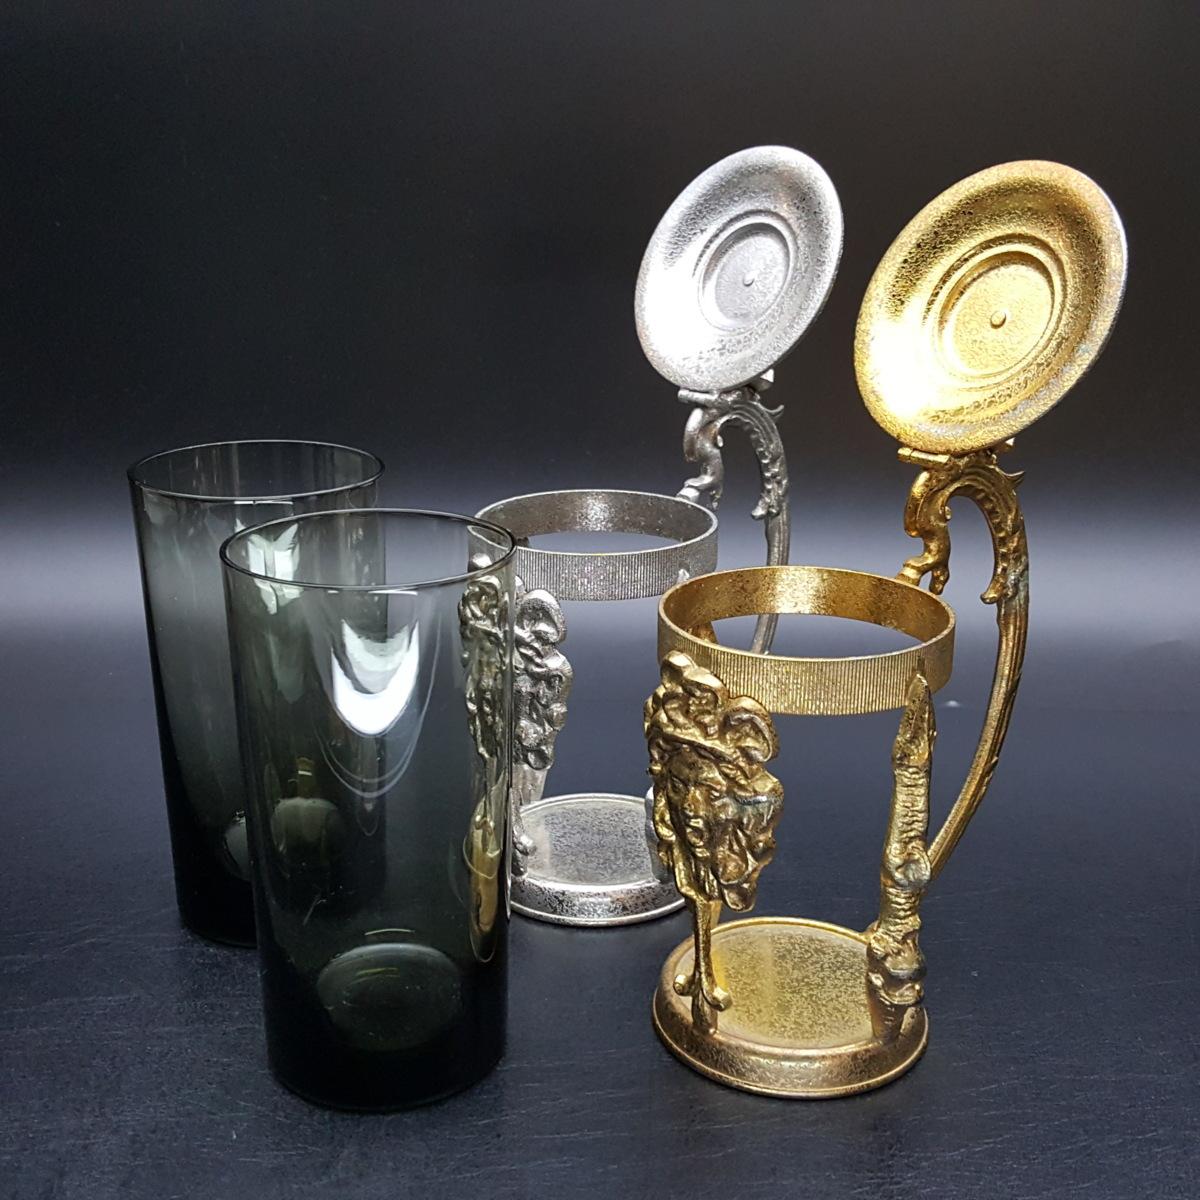 【宝蔵】アンティーク メデューサ メドゥーサ 金銀一対 蓋付グラス 一組 カップ コップ_画像6